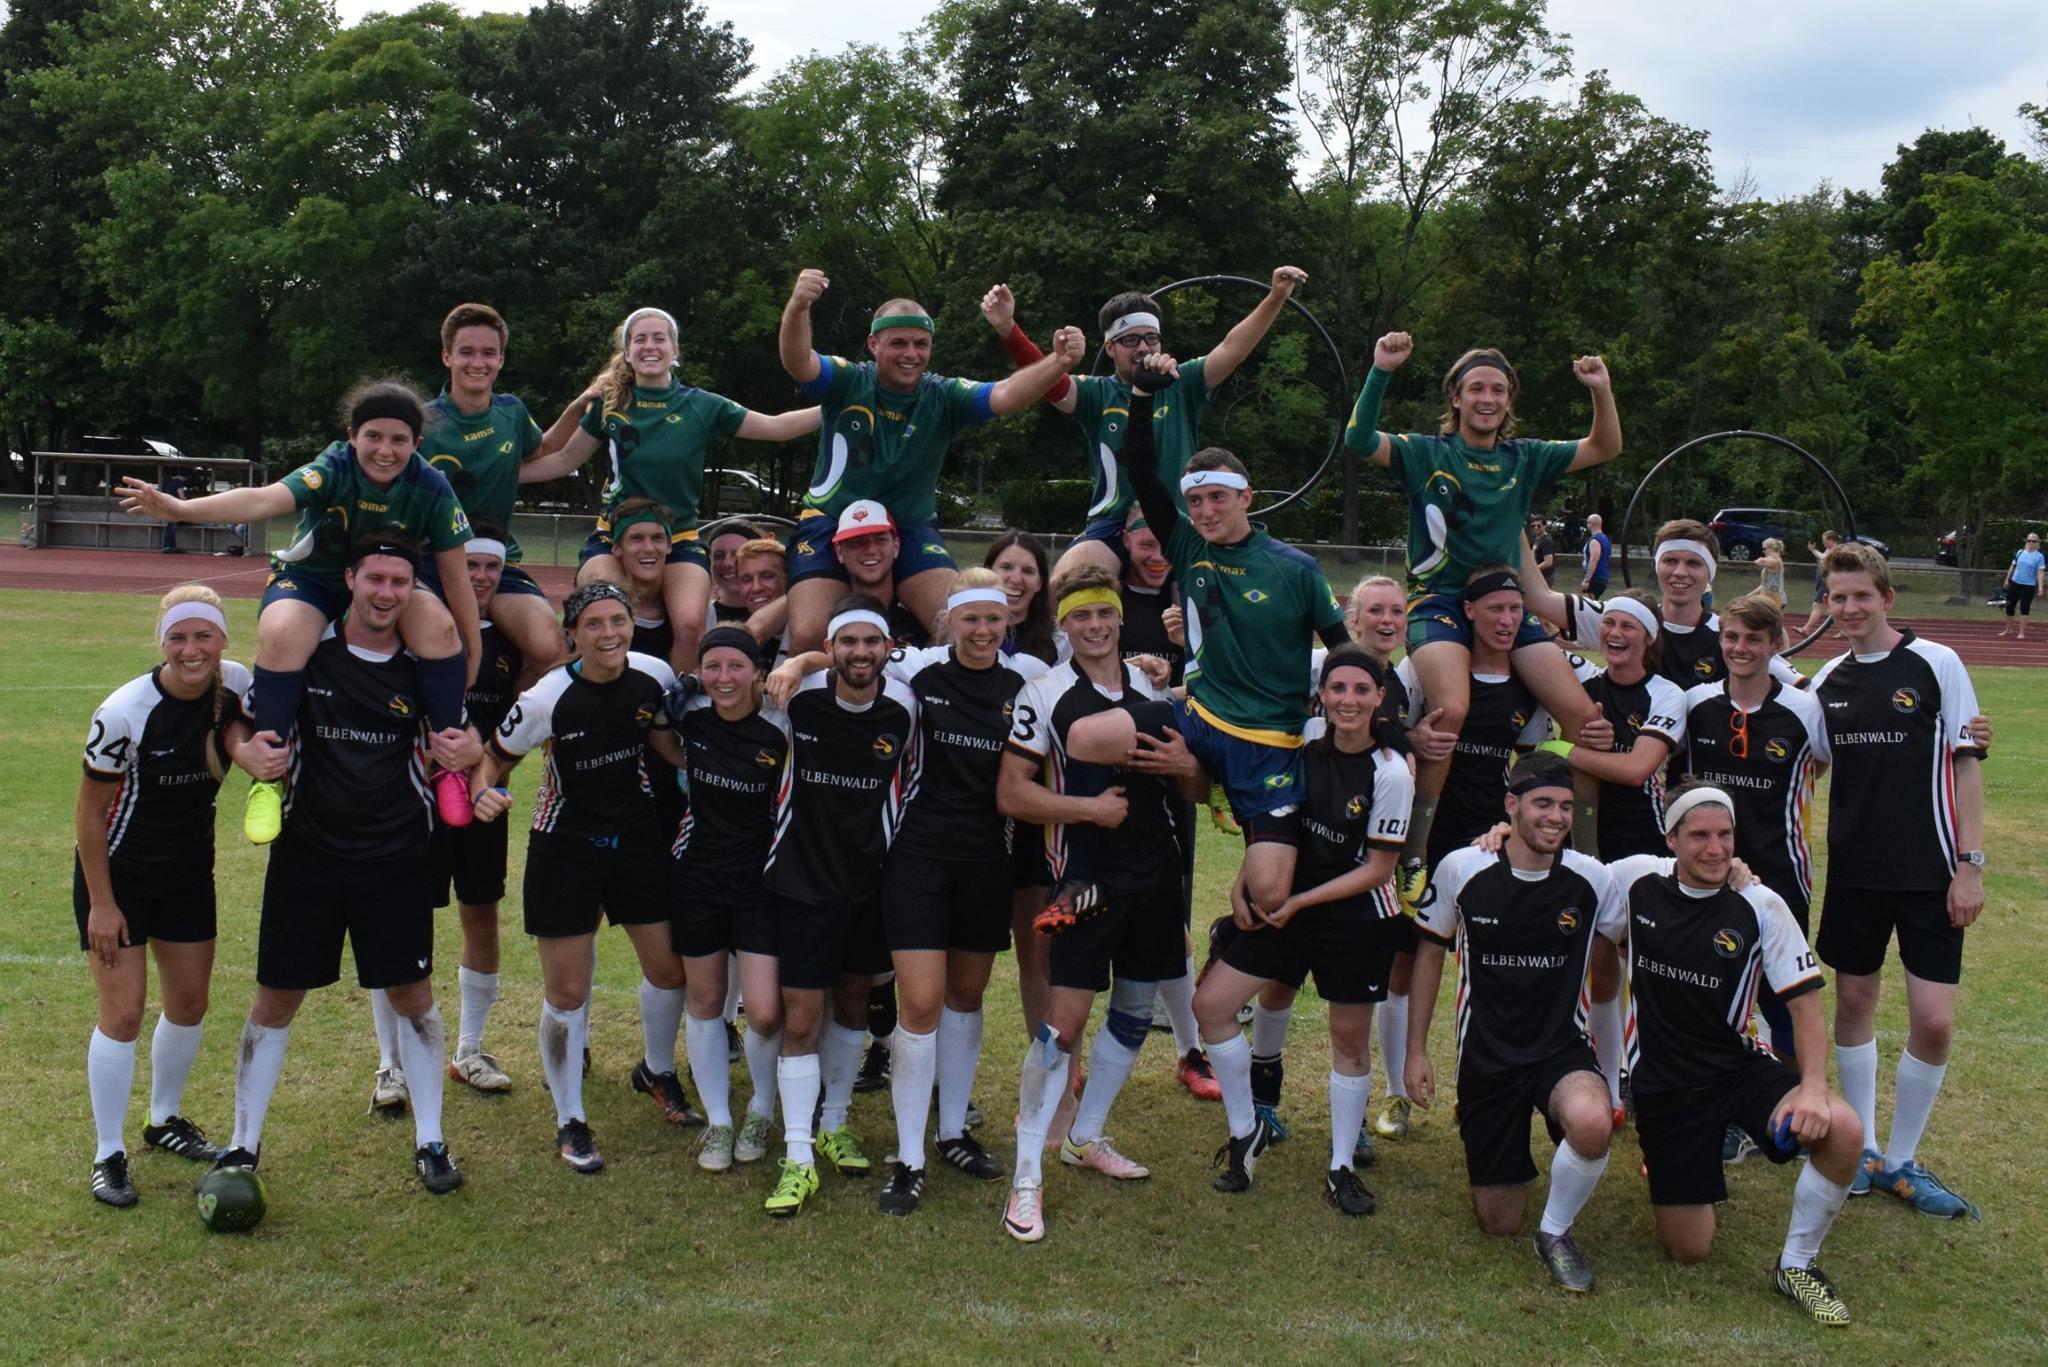 O time brasileiro e o time alemão juntos após sua partida no primeiro dia do torneio. © Ailsa Spiers